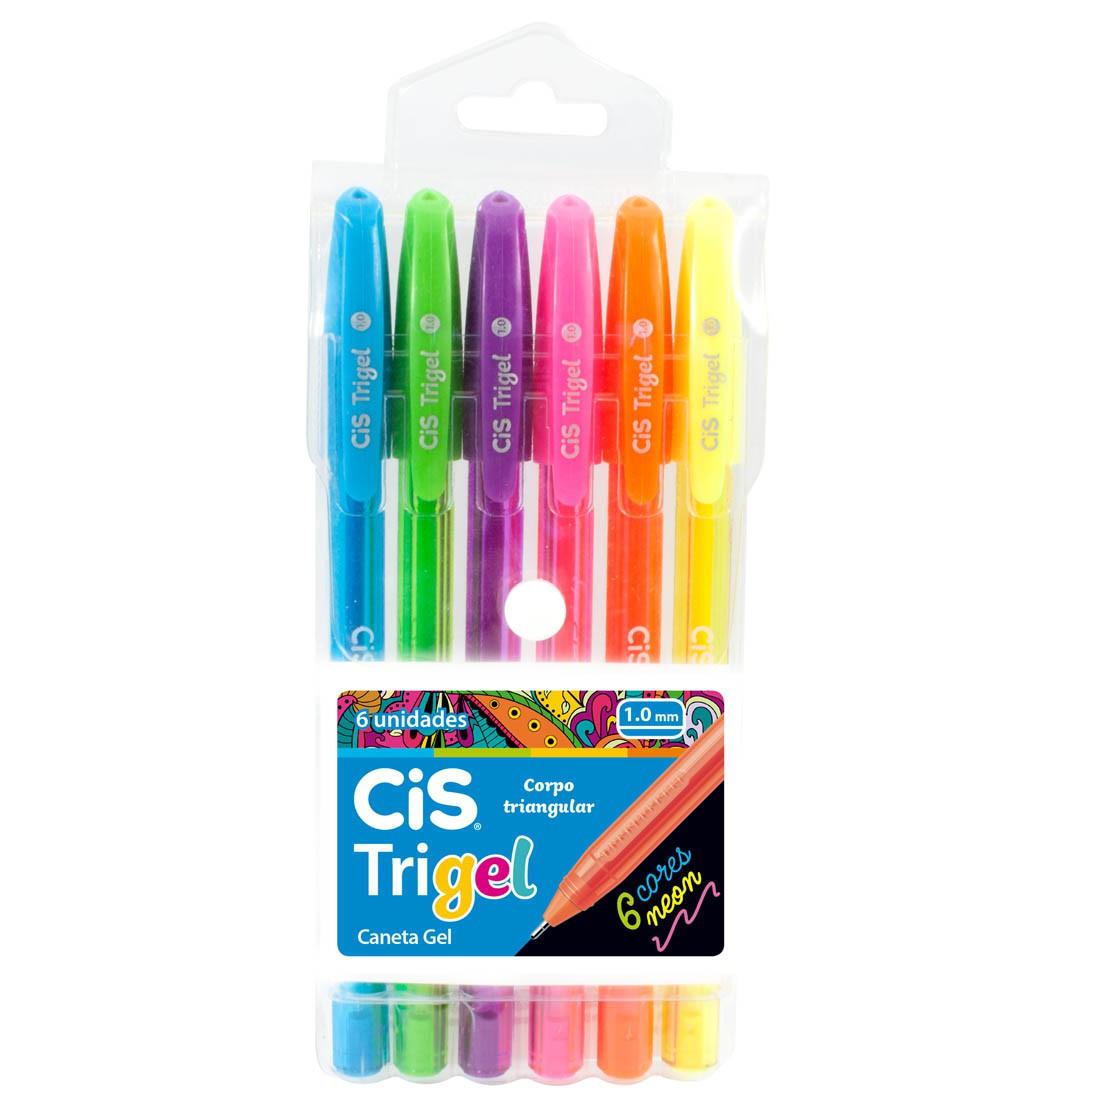 Caneta Gel Trigel Neon CiS 6 Cores